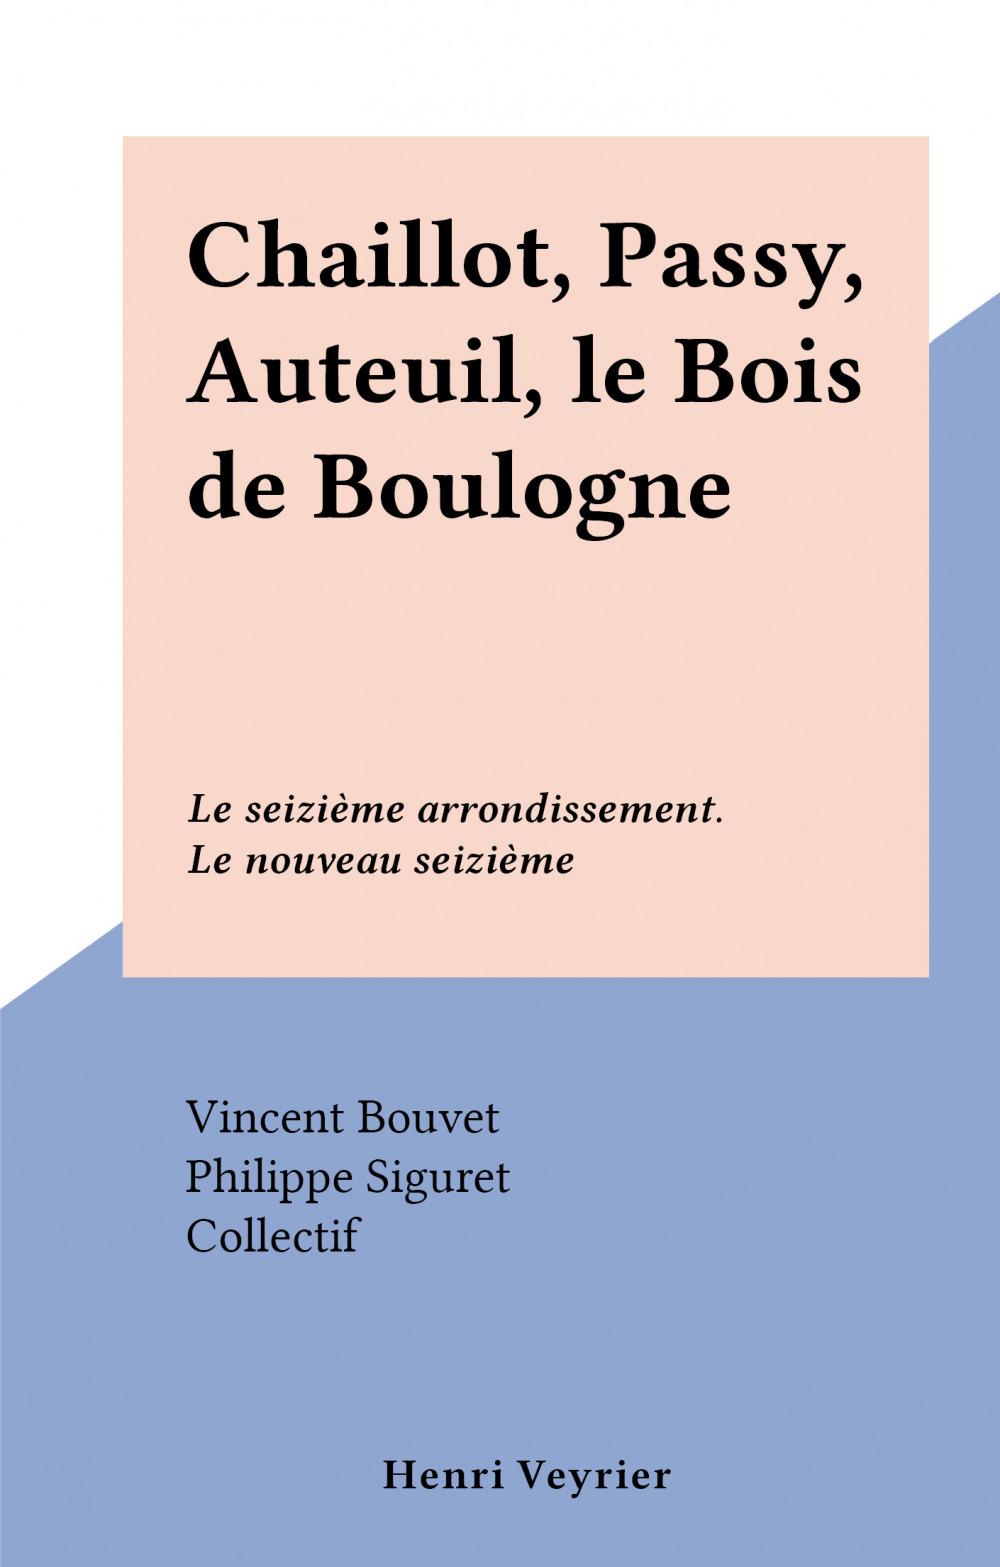 Chaillot, Passy, Auteuil, le Bois de Boulogne